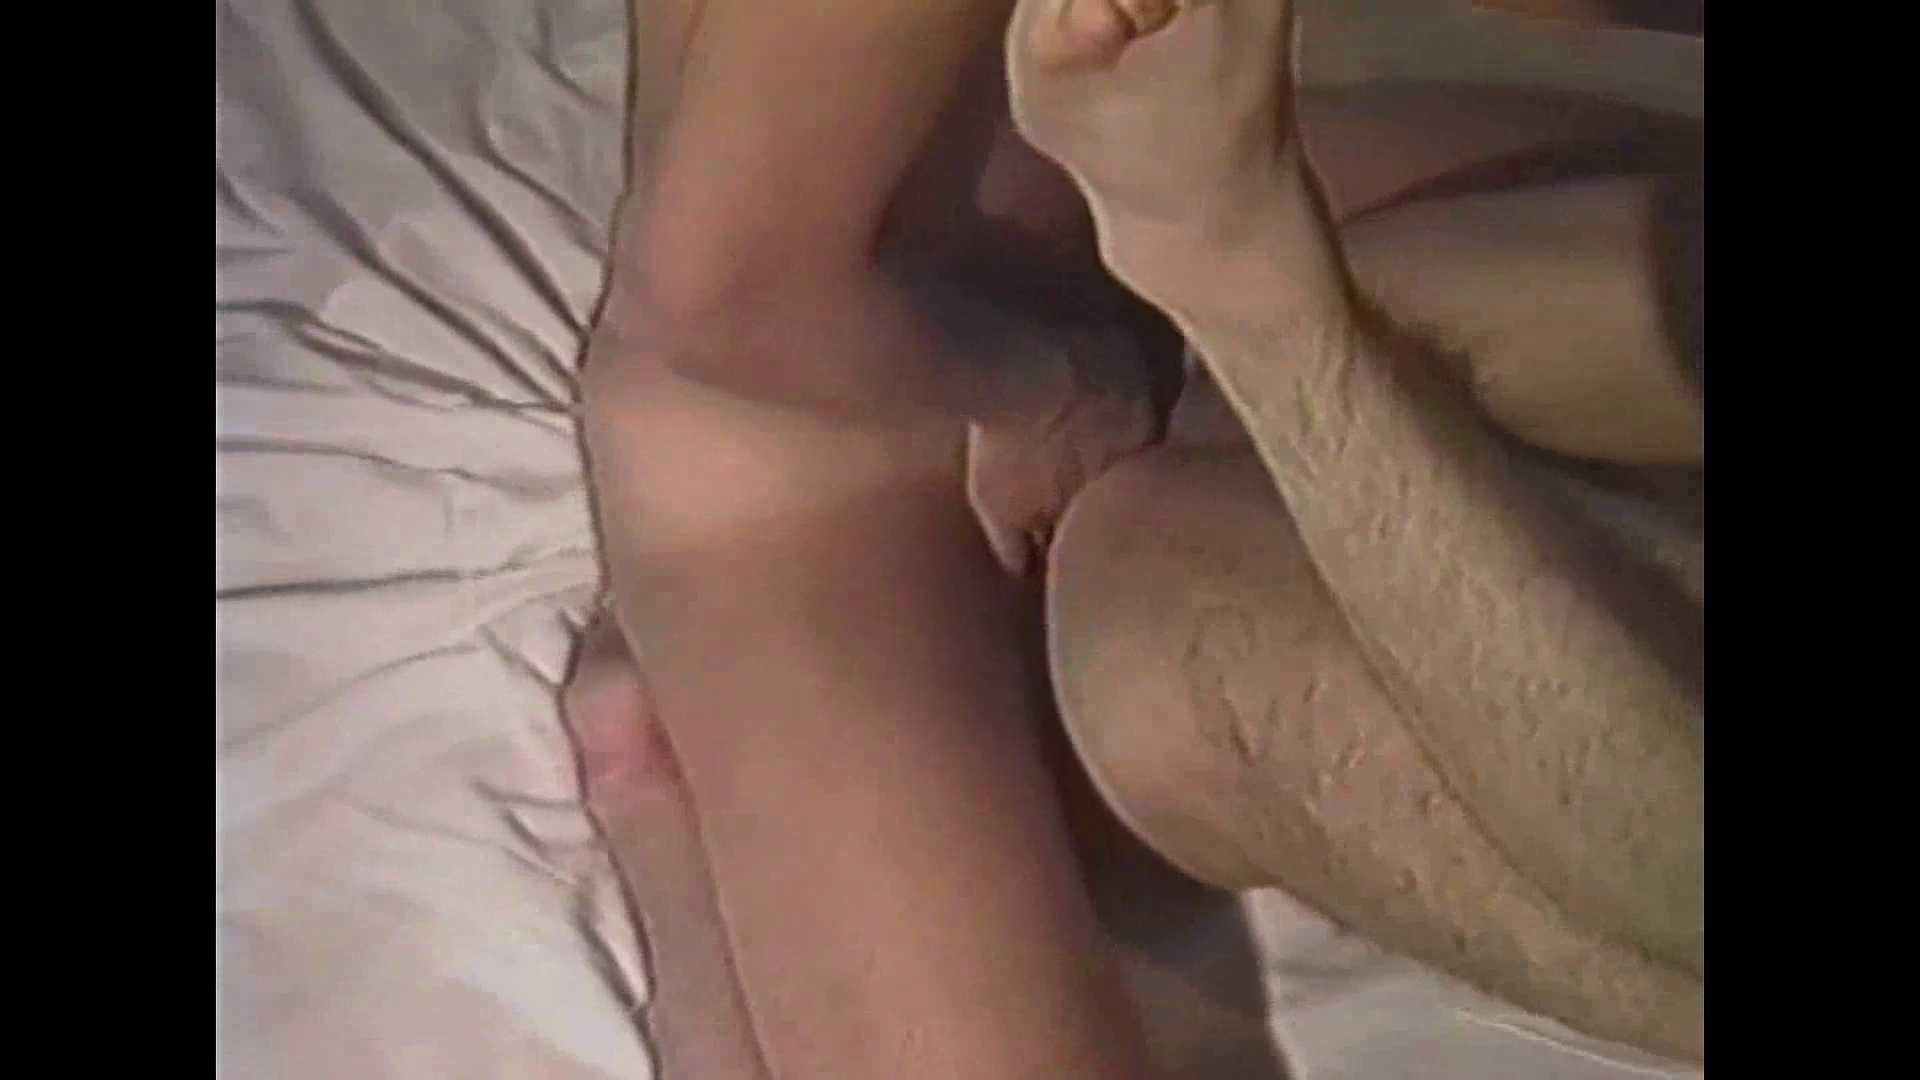 二人でいくぜっ!前編 オナニー アダルトビデオ画像キャプチャ 79pic 68